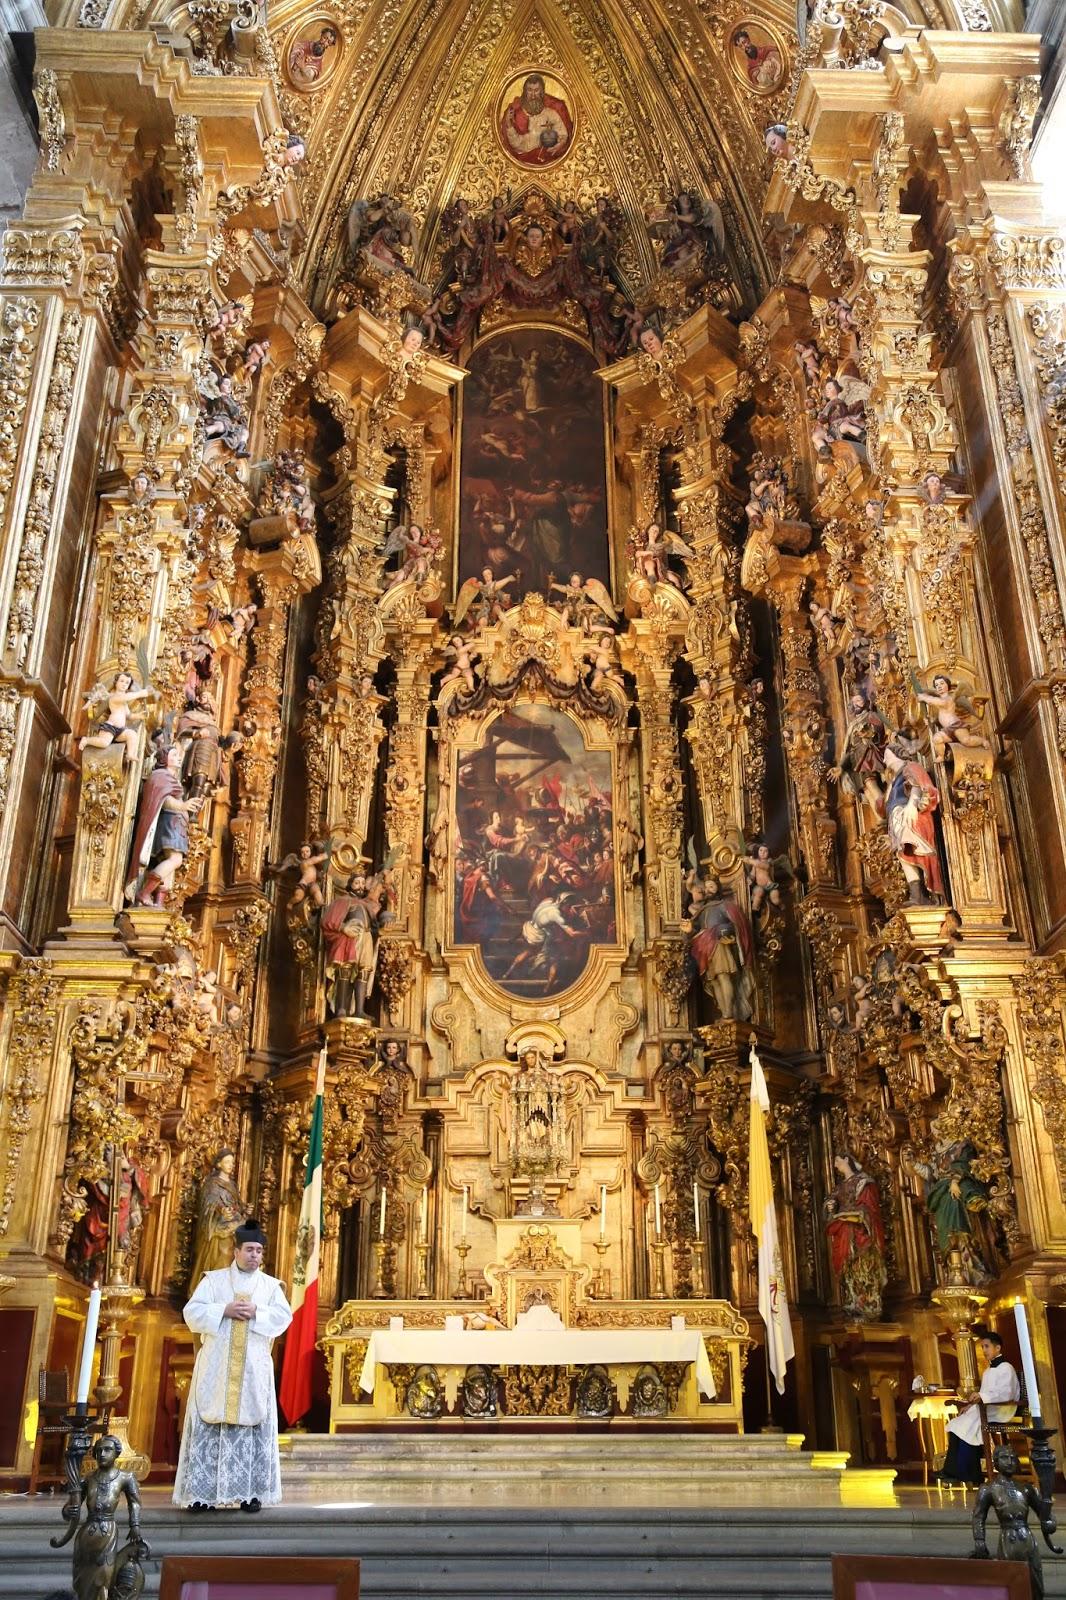 Orbis Catholicus Secundus: Mexico City's Altar Of The